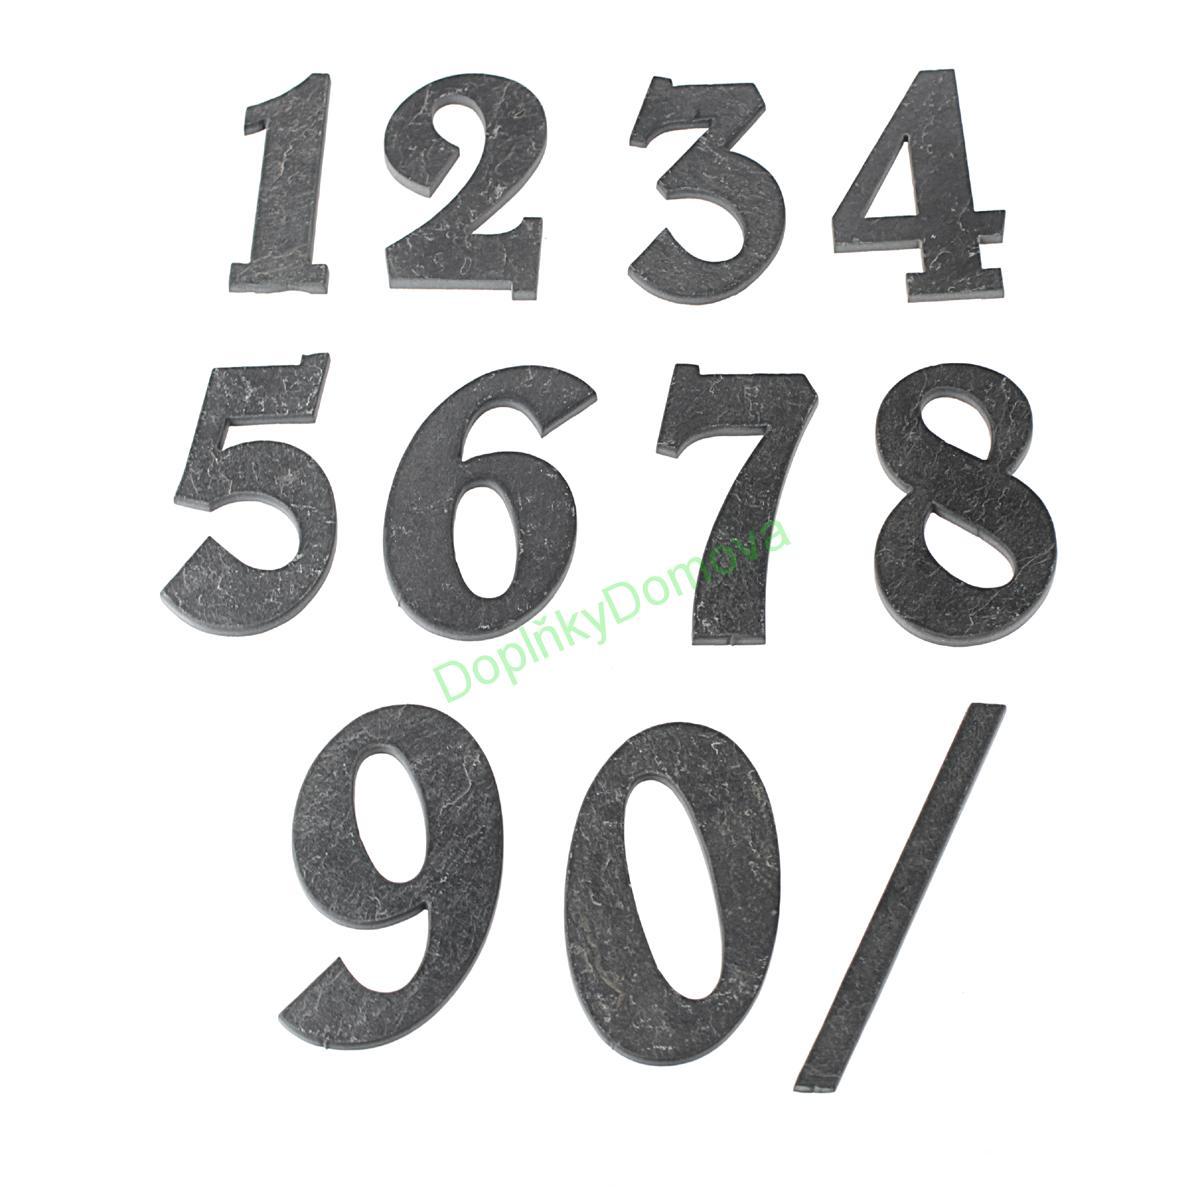 Domovní číslo popisné Břidlice BELWE - č. 8